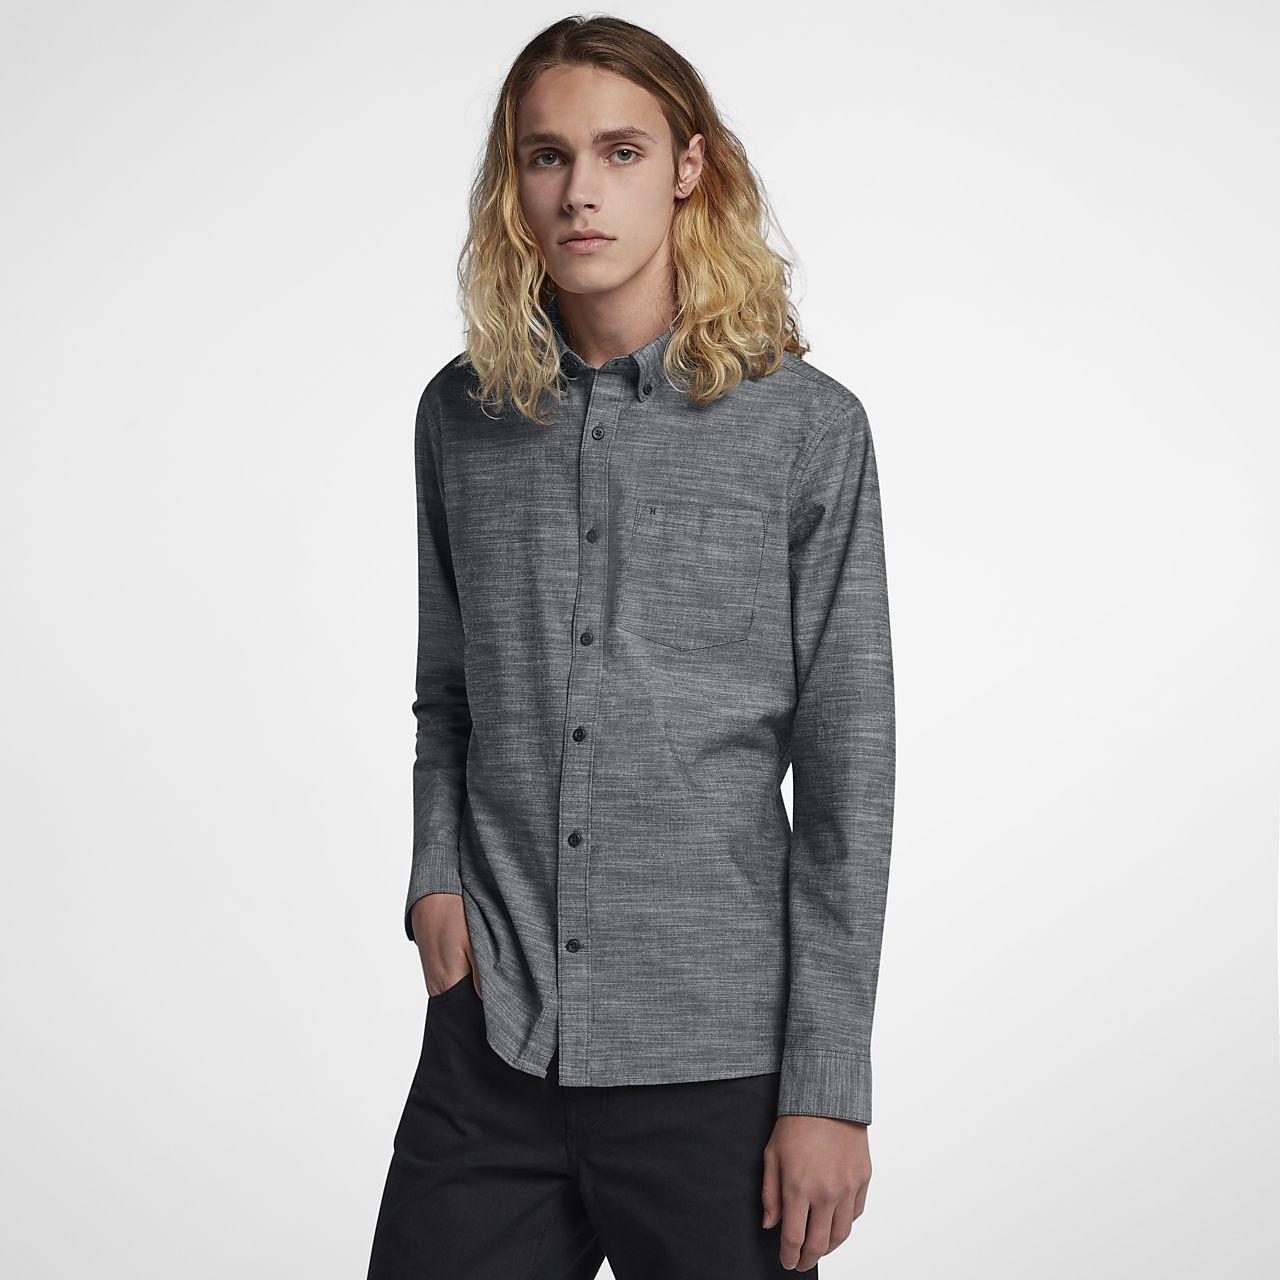 6092053b4c Camisa de manga comprida Hurley One And Only para homem. Nike.com PT